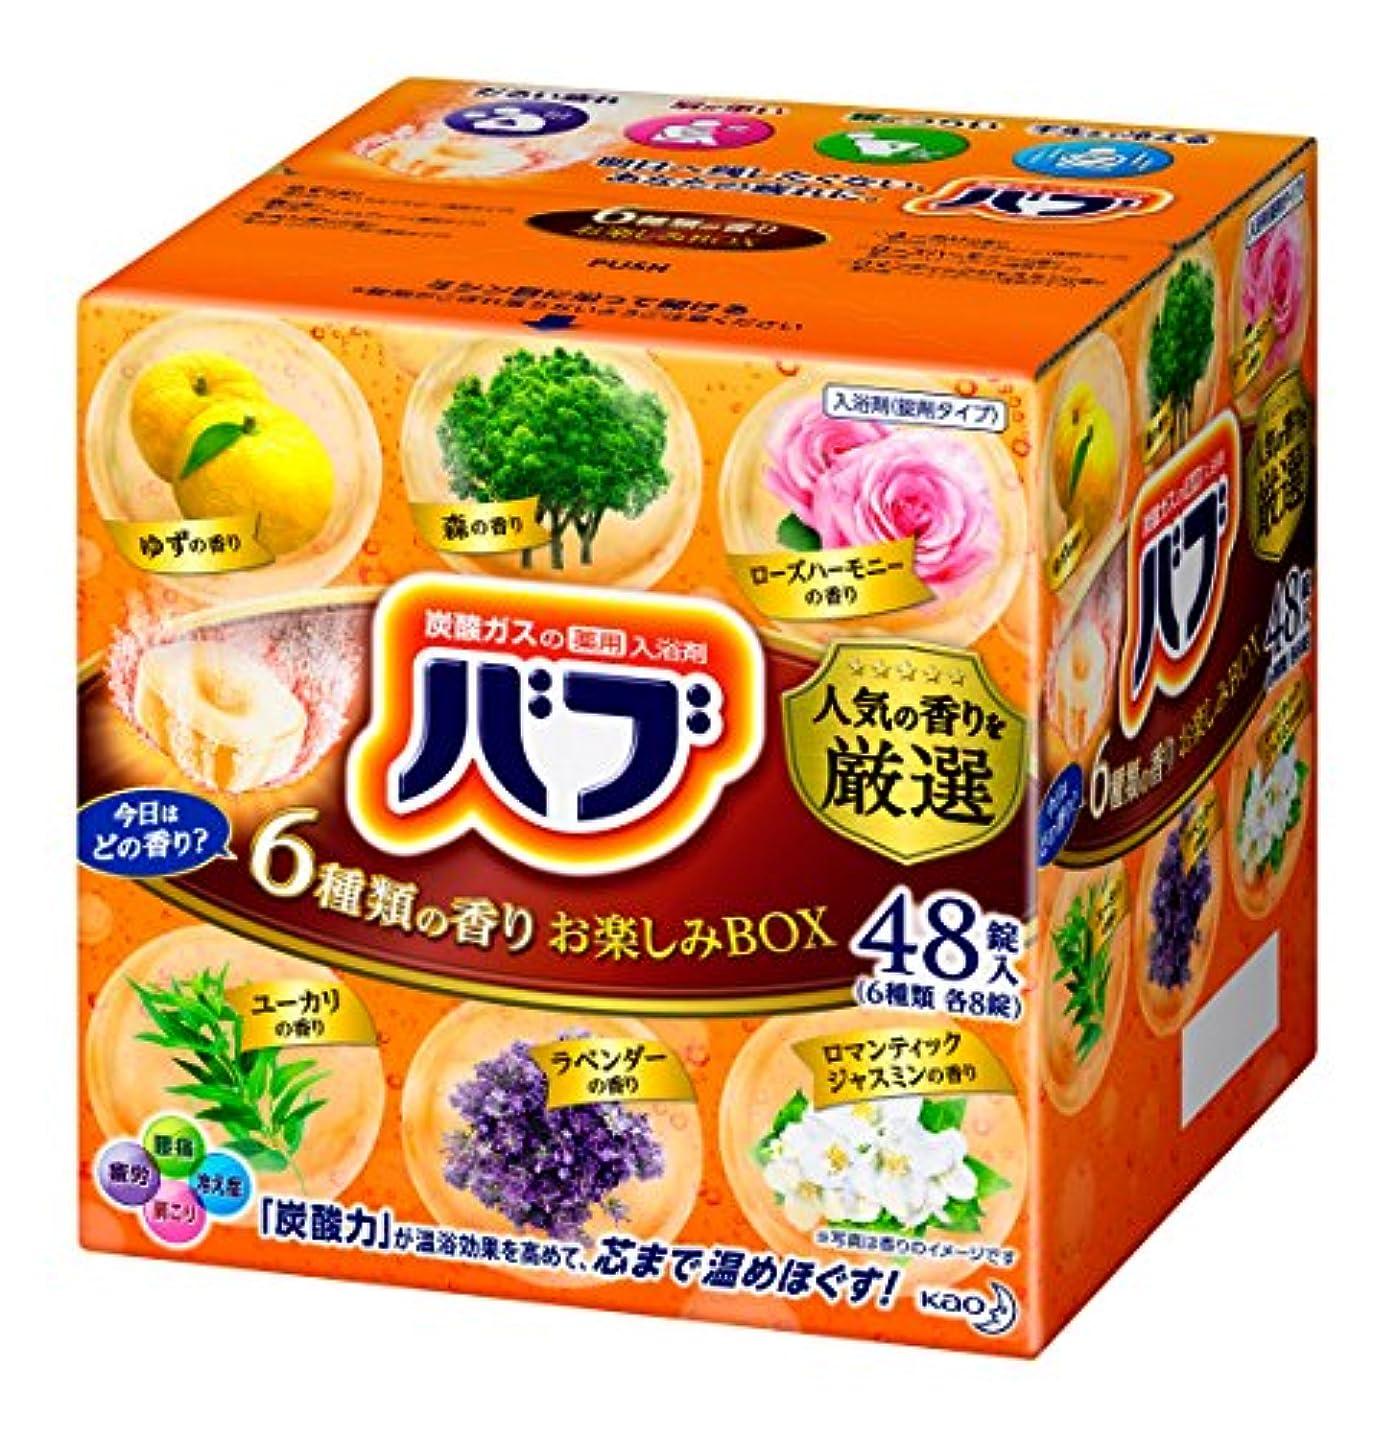 【大容量】バブ 6つの香りお楽しみBOX 48錠